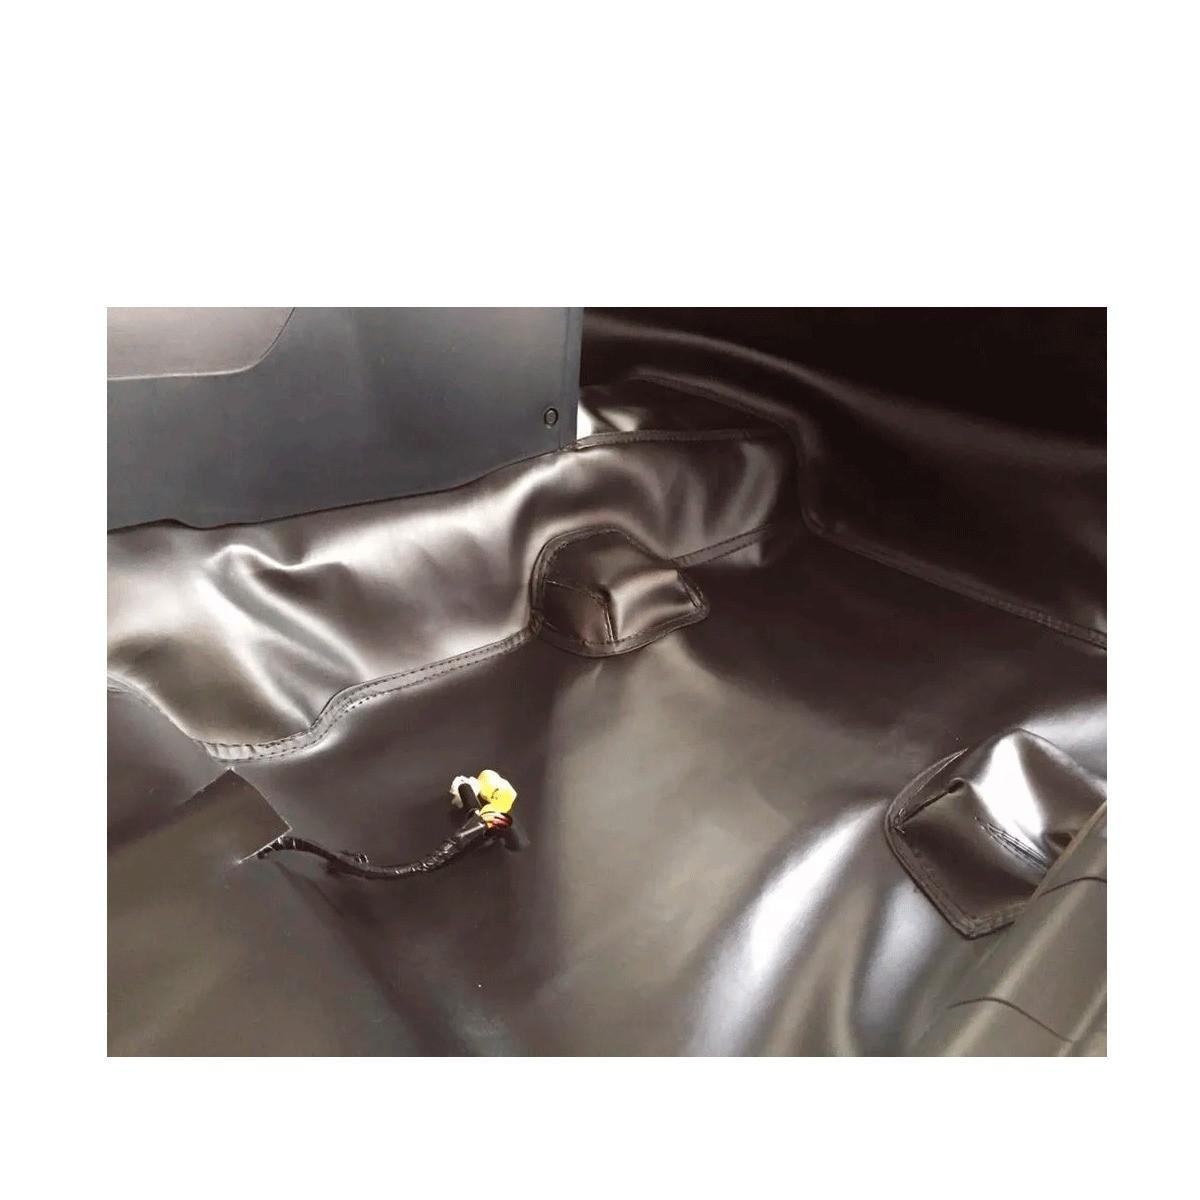 Tapete Automotivo Assoalho Emborrachado Bidim Ford Ecosport 2012 a 2020